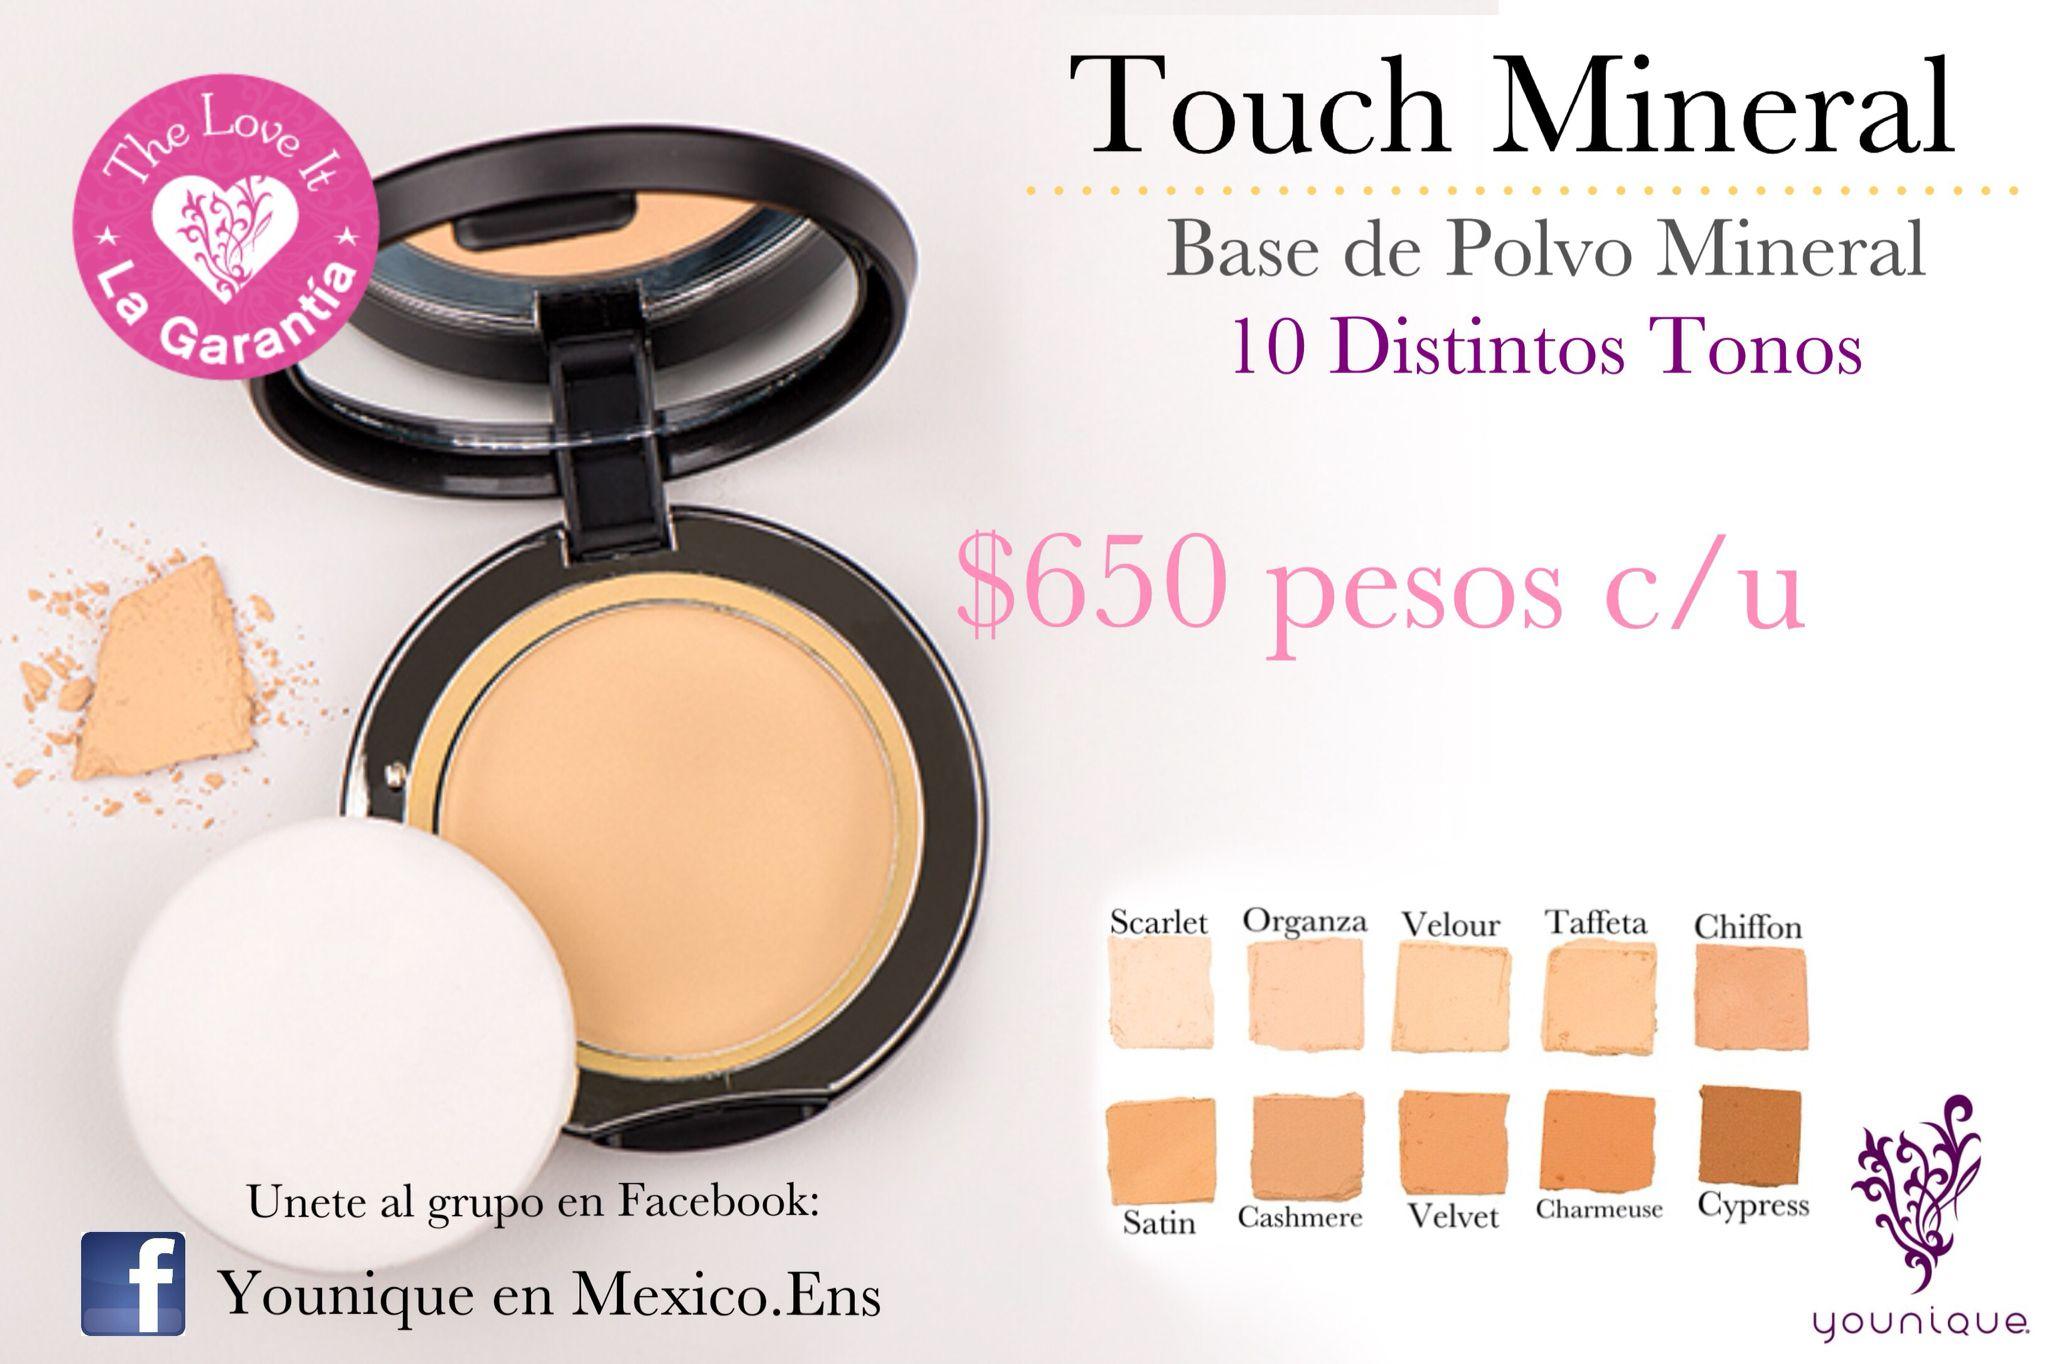 554c4d35d Polvo compacto | Younique en Mexico.Ens | Younique y Beauty